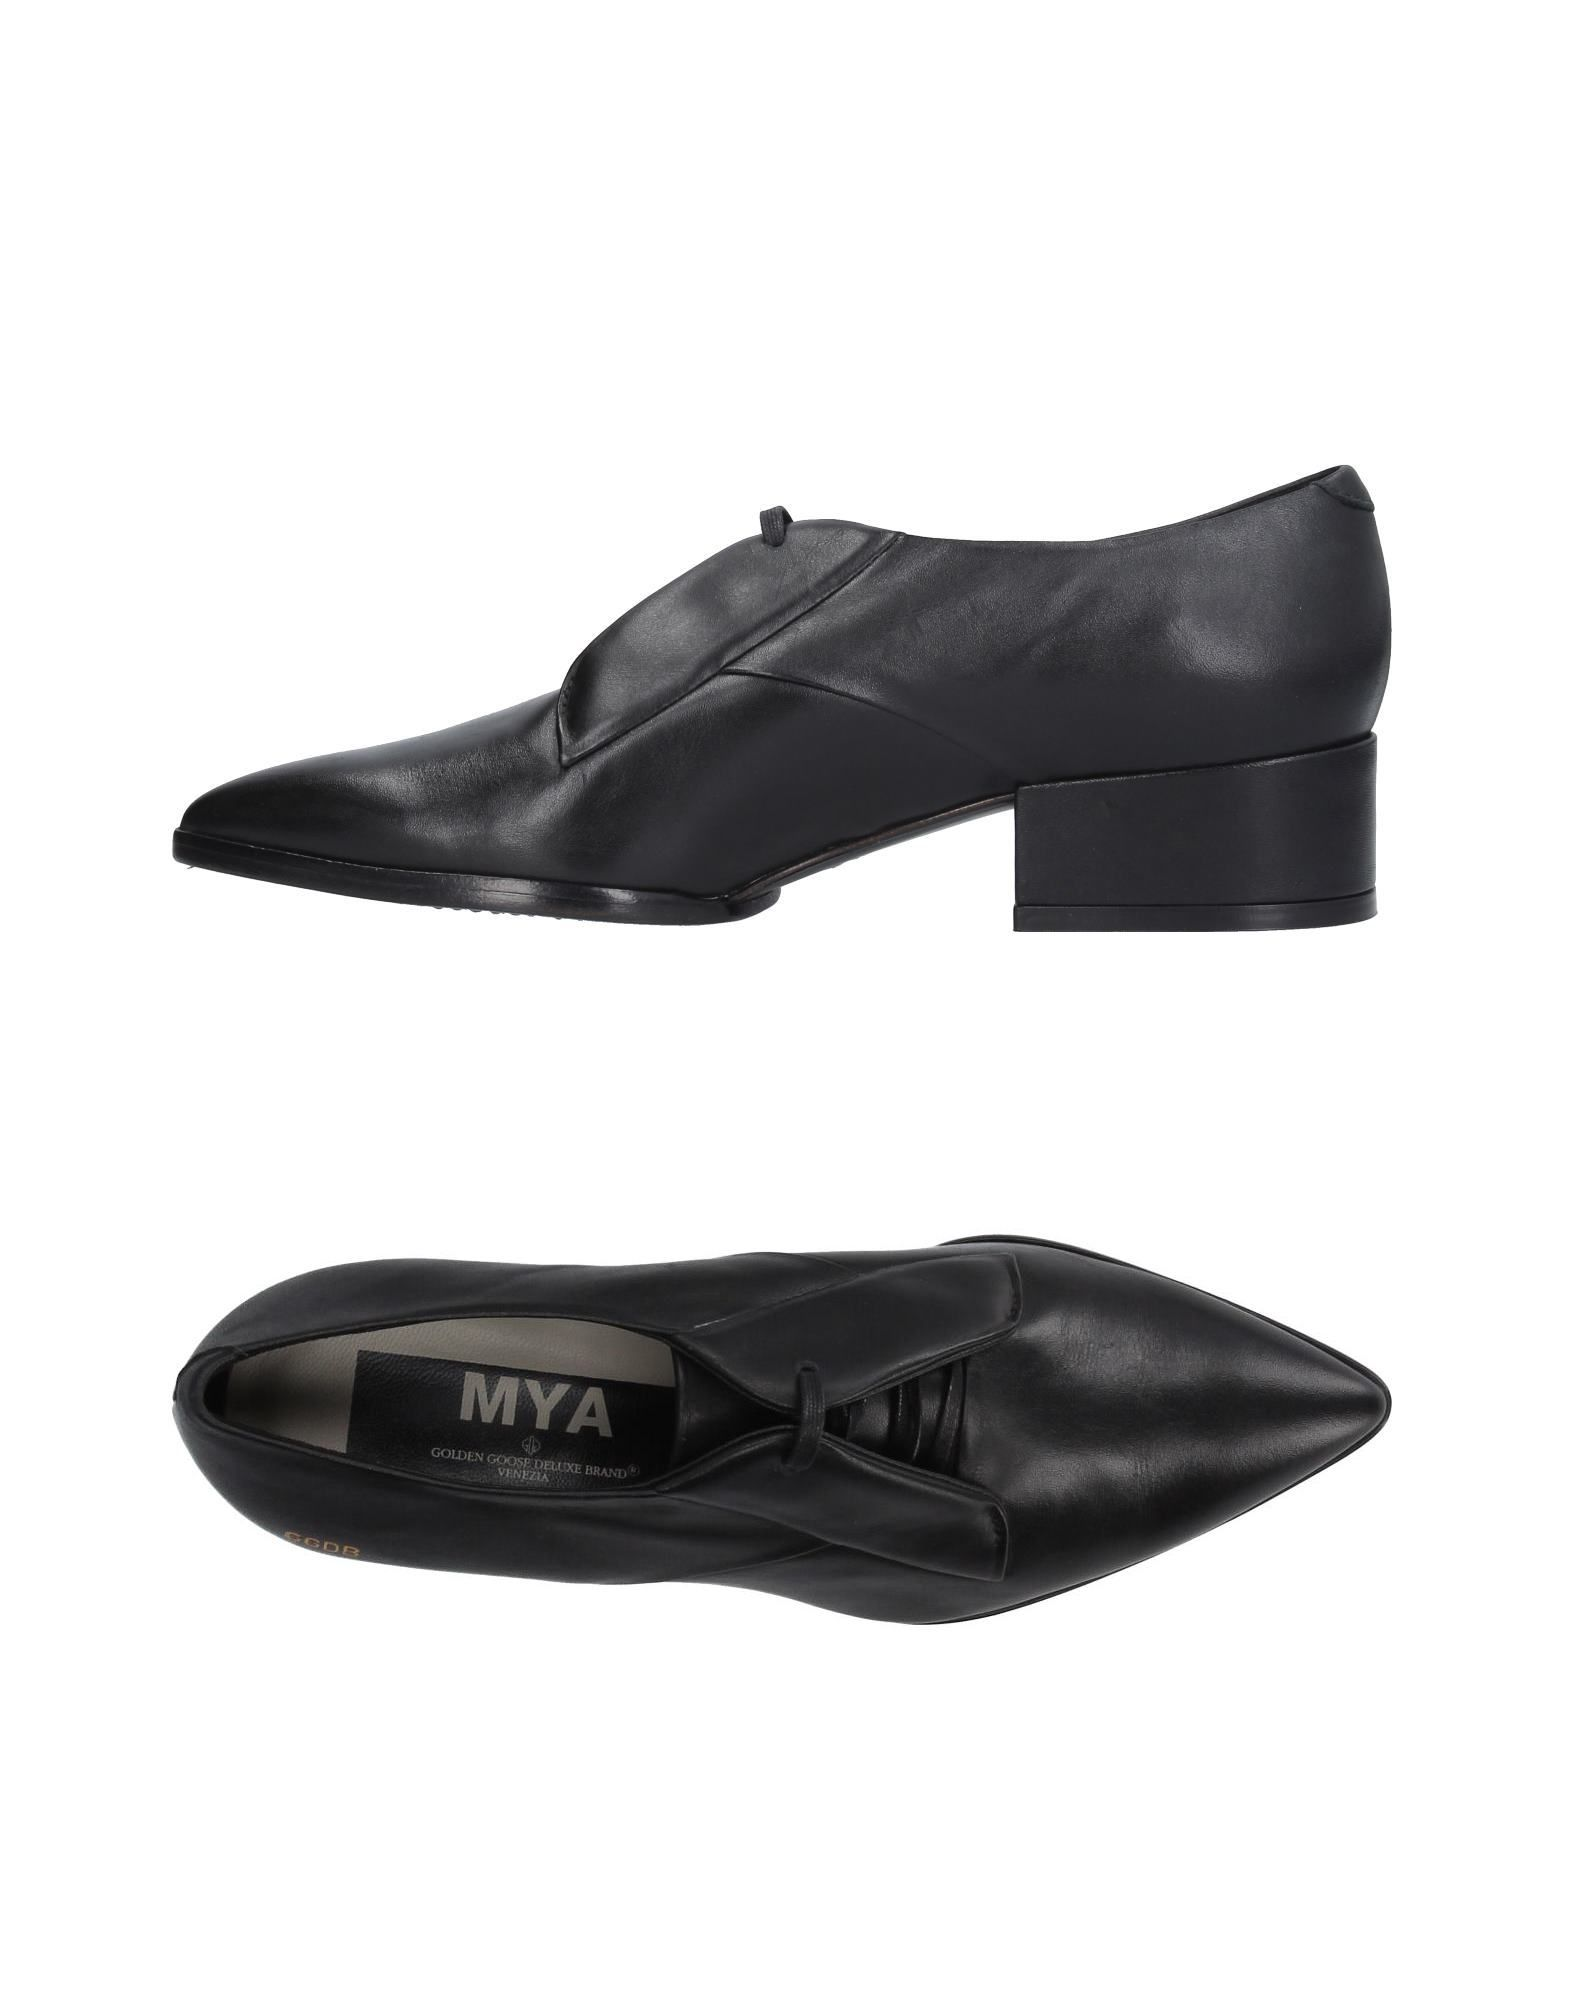 Golden Goose Deluxe Brand Schnürschuhe Damen  11189777VNGut aussehende strapazierfähige Schuhe